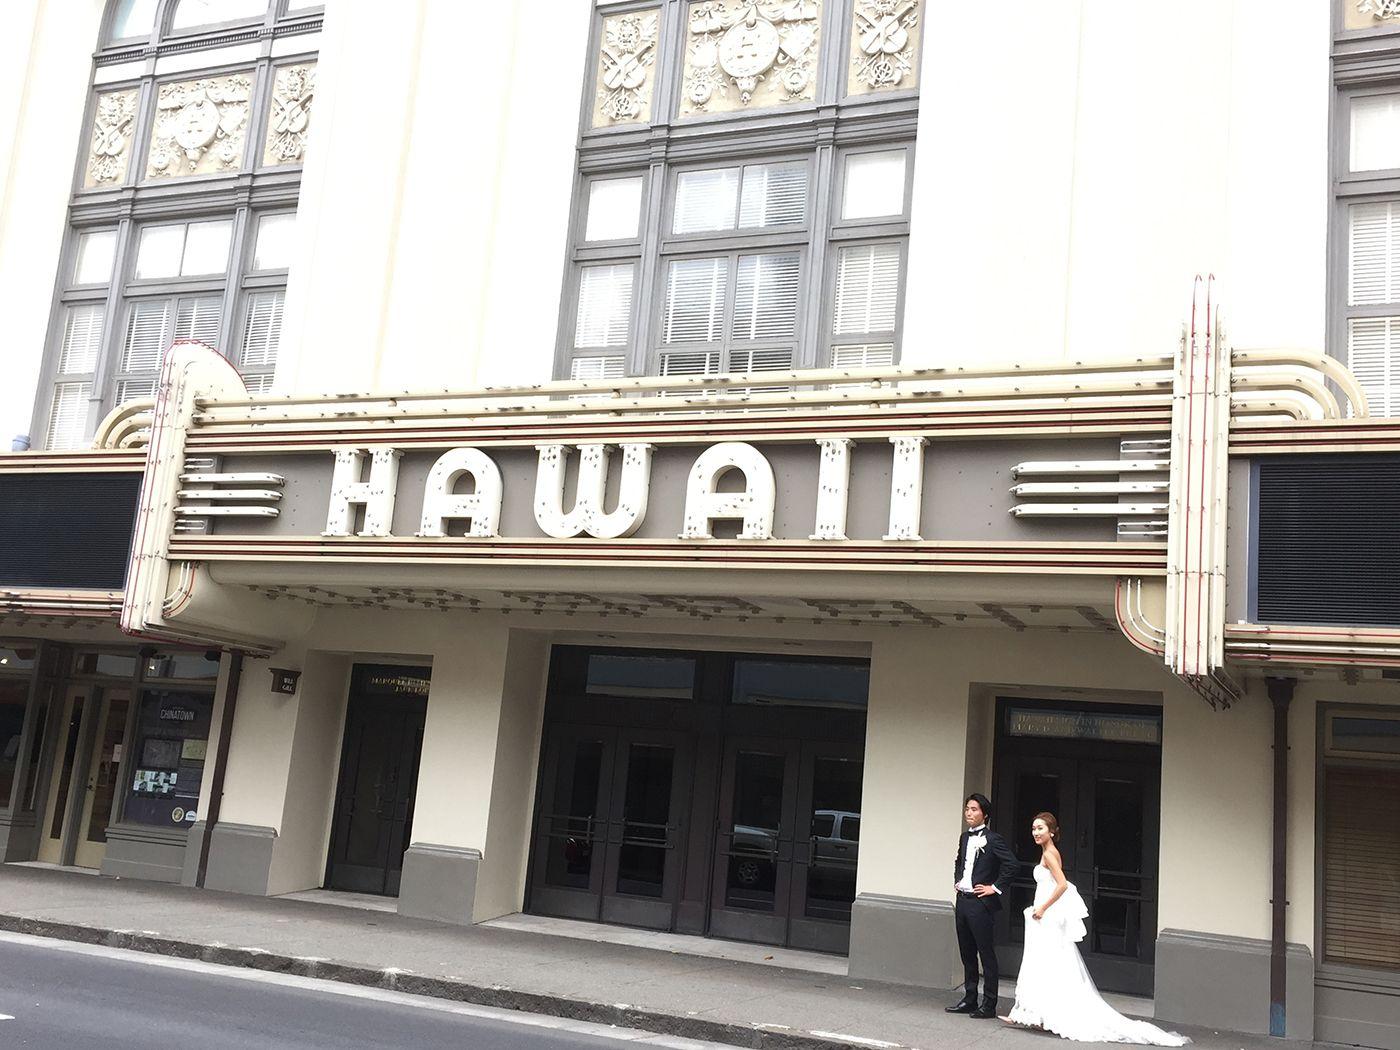 いかがでしたか?ワイキキビーチで過ごす休暇は最高。でももし宜しければ、あと1日、2日、有休を伸ばして、もっと充実のハワイを楽しんでみてくださいね。